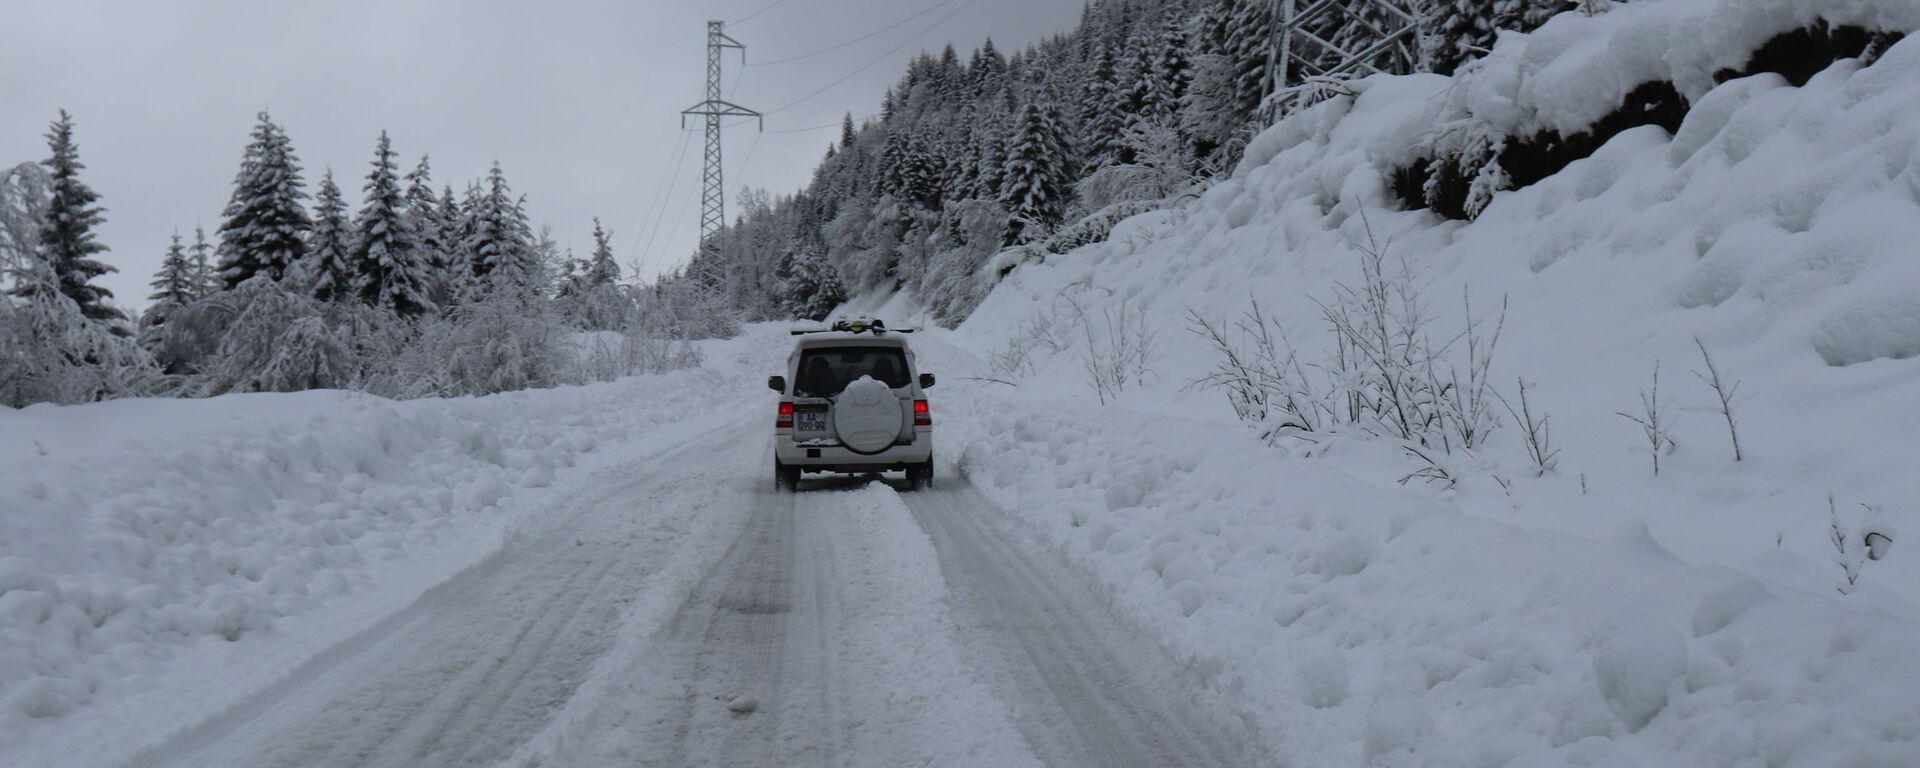 Горная дорога в снегу - машина едет среди снежных сугробов - Sputnik Грузия, 1920, 25.01.2021